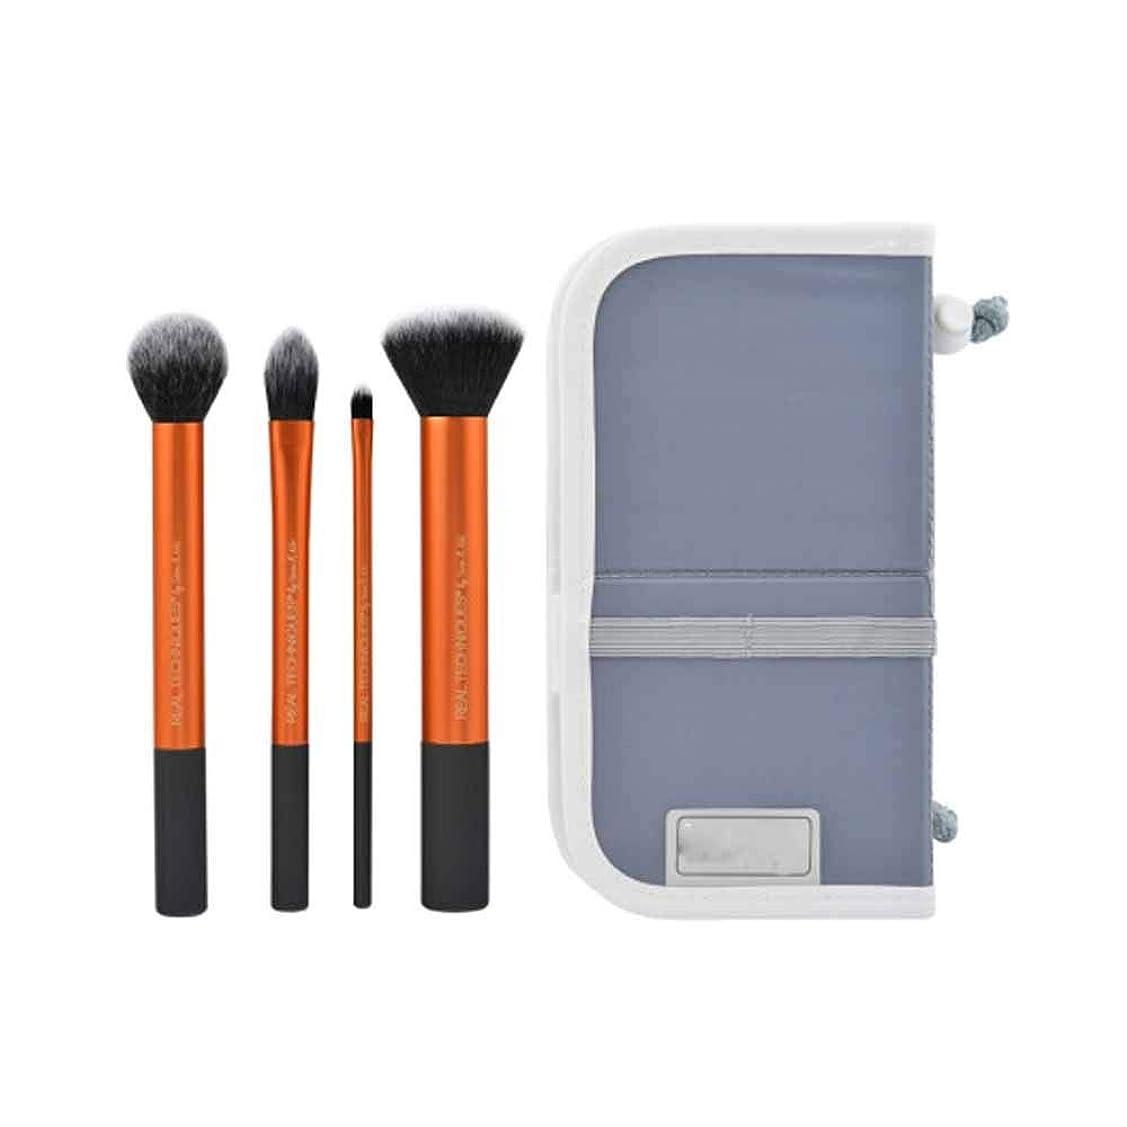 プロジェクター委任経度Yougou001 化粧ブラシ、化粧化粧ブラシセット、輪郭ブラシリップブラシ、散布ブラシ、赤面ブラシ、4個セット,ファッションの雰囲気 (Color : Orange)